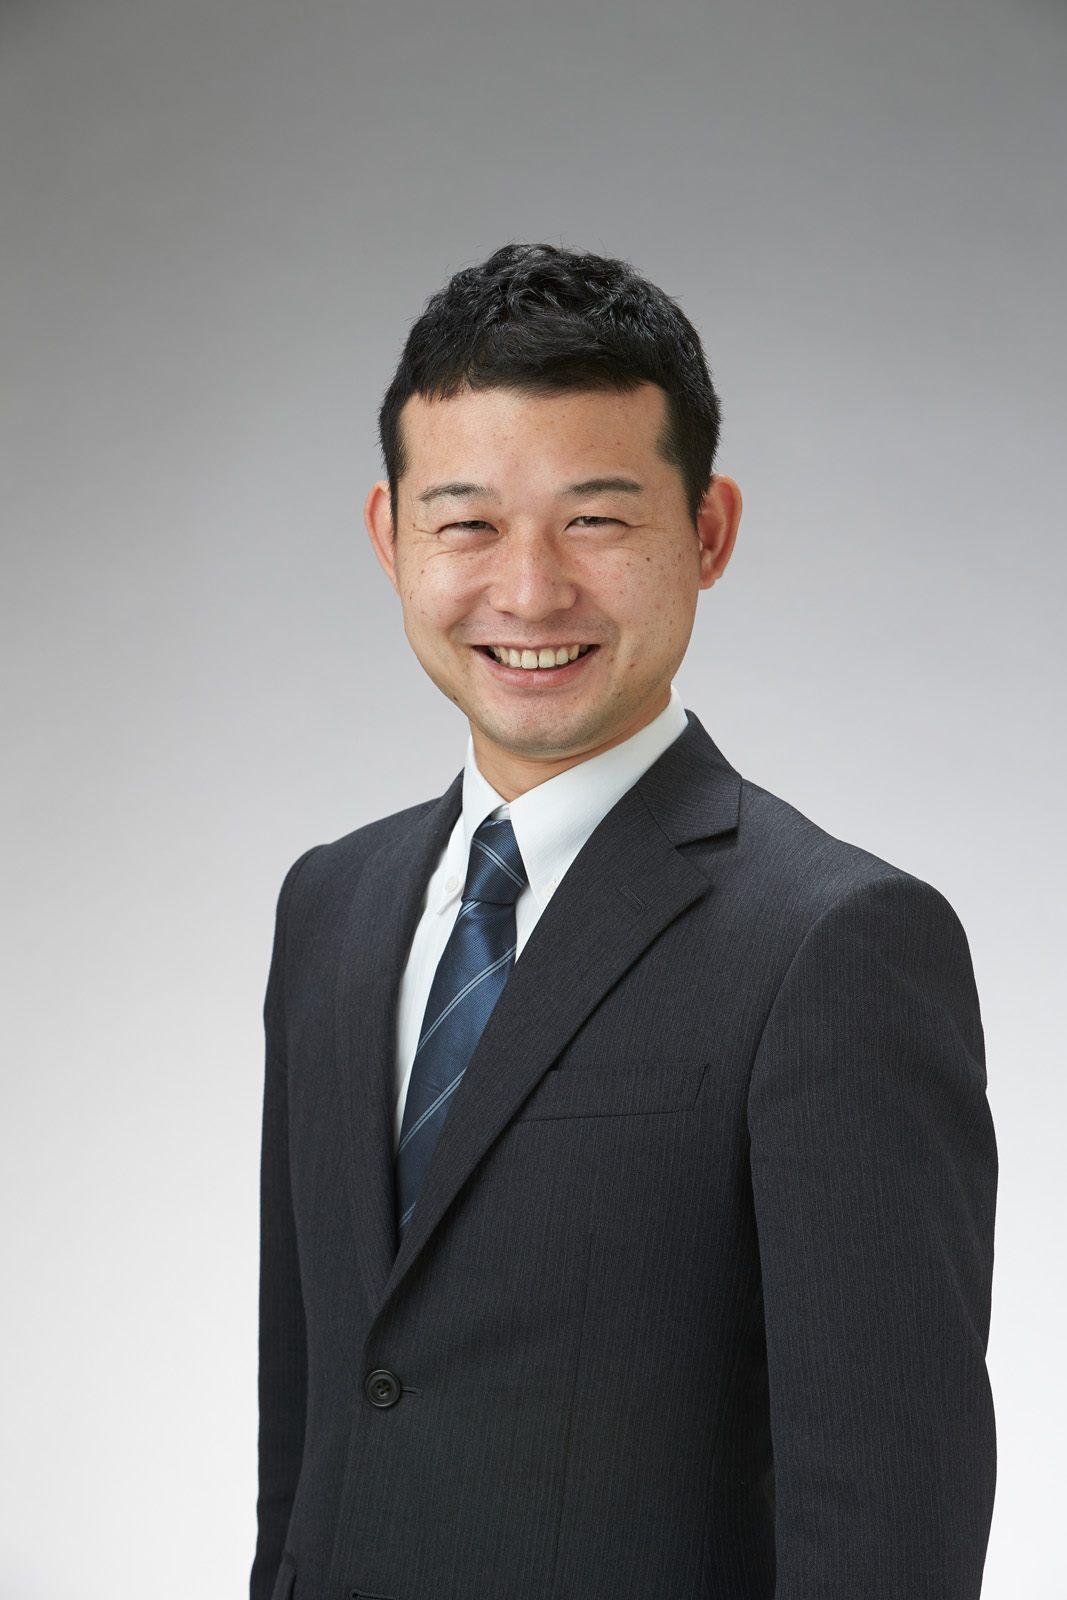 菅沼匠氏 リンクパートナーズ法律事務所 パートナー 弁護士・公認会計士